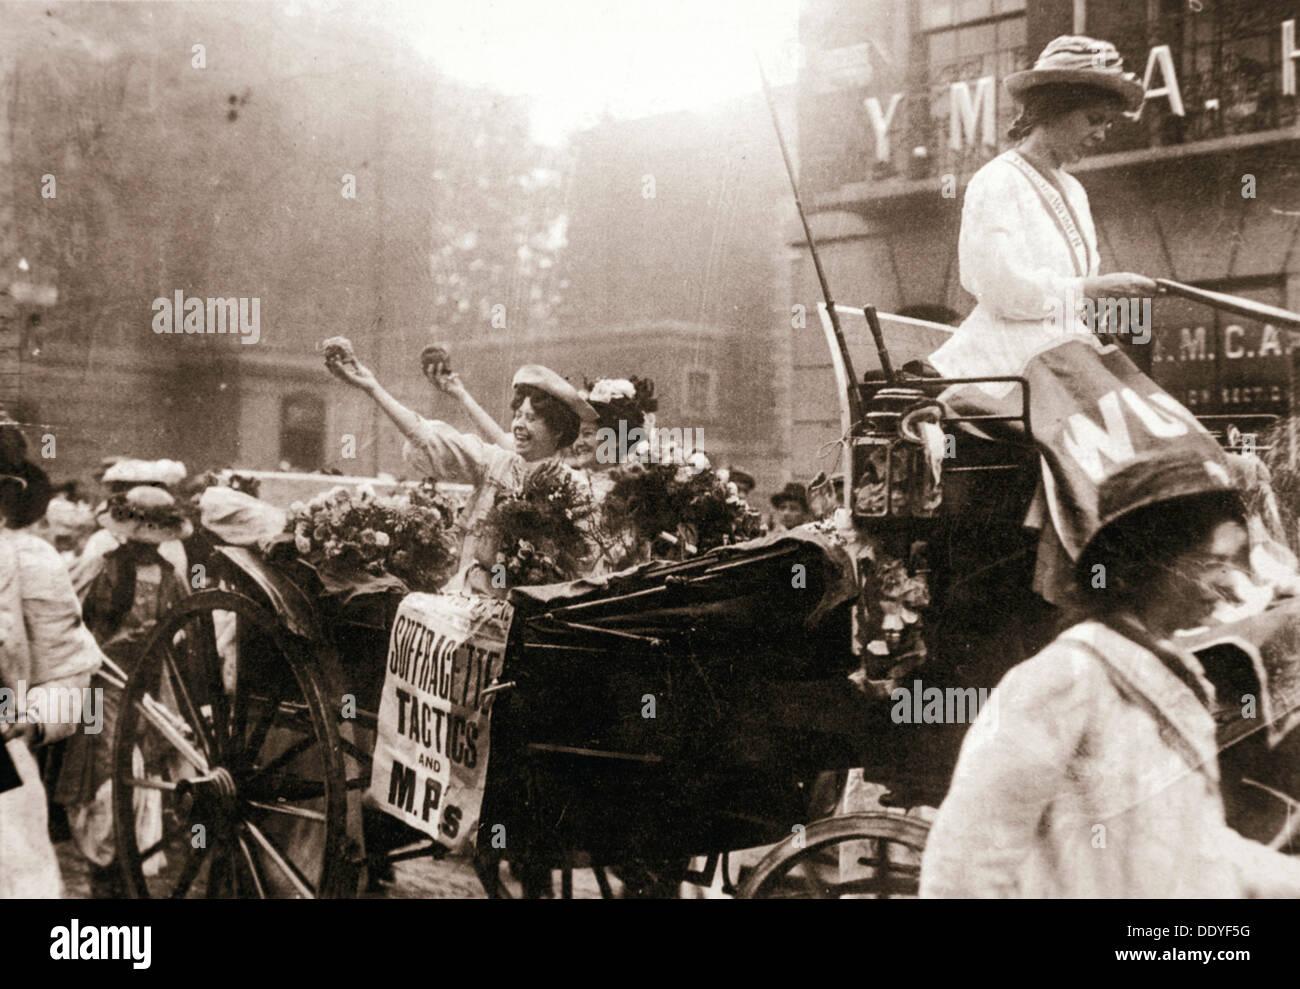 Due suffragettes celebrando il loro rilascio dalla prigione di Holloway, Londra, il 22 agosto 1908. Artista: sconosciuto Foto Stock